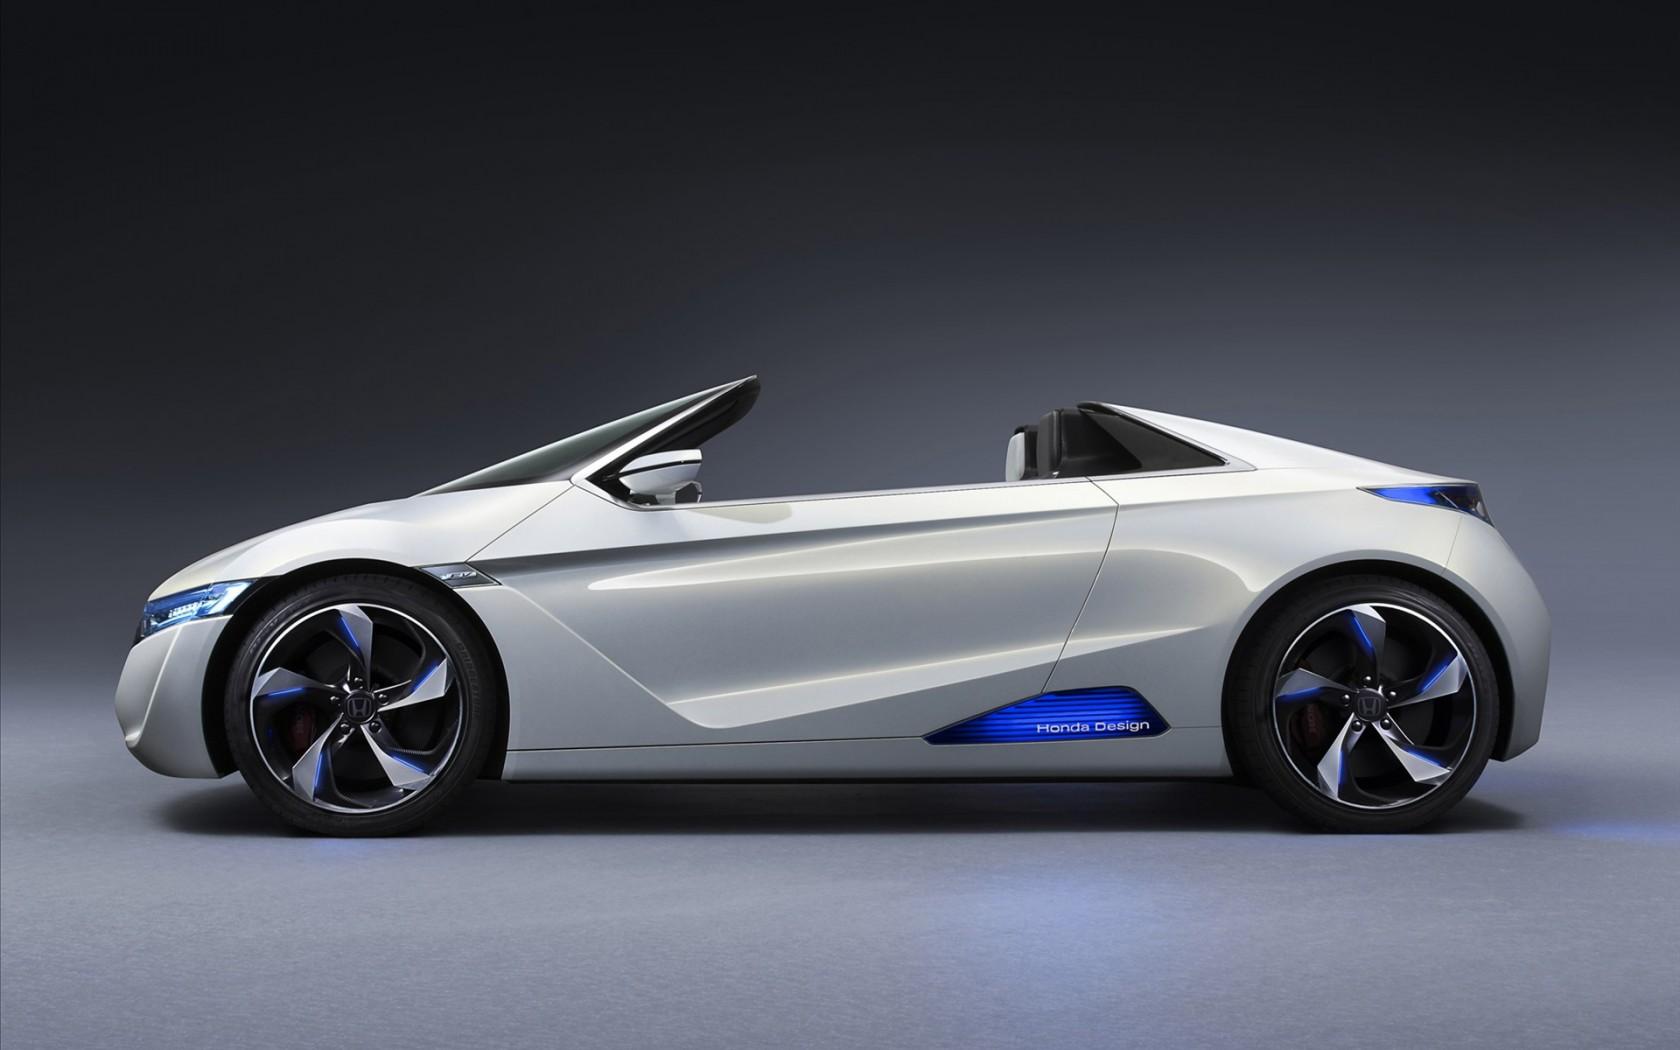 2011 Honda EV Ster Concept 3 Wallpaper | HD Car Wallpapers ...